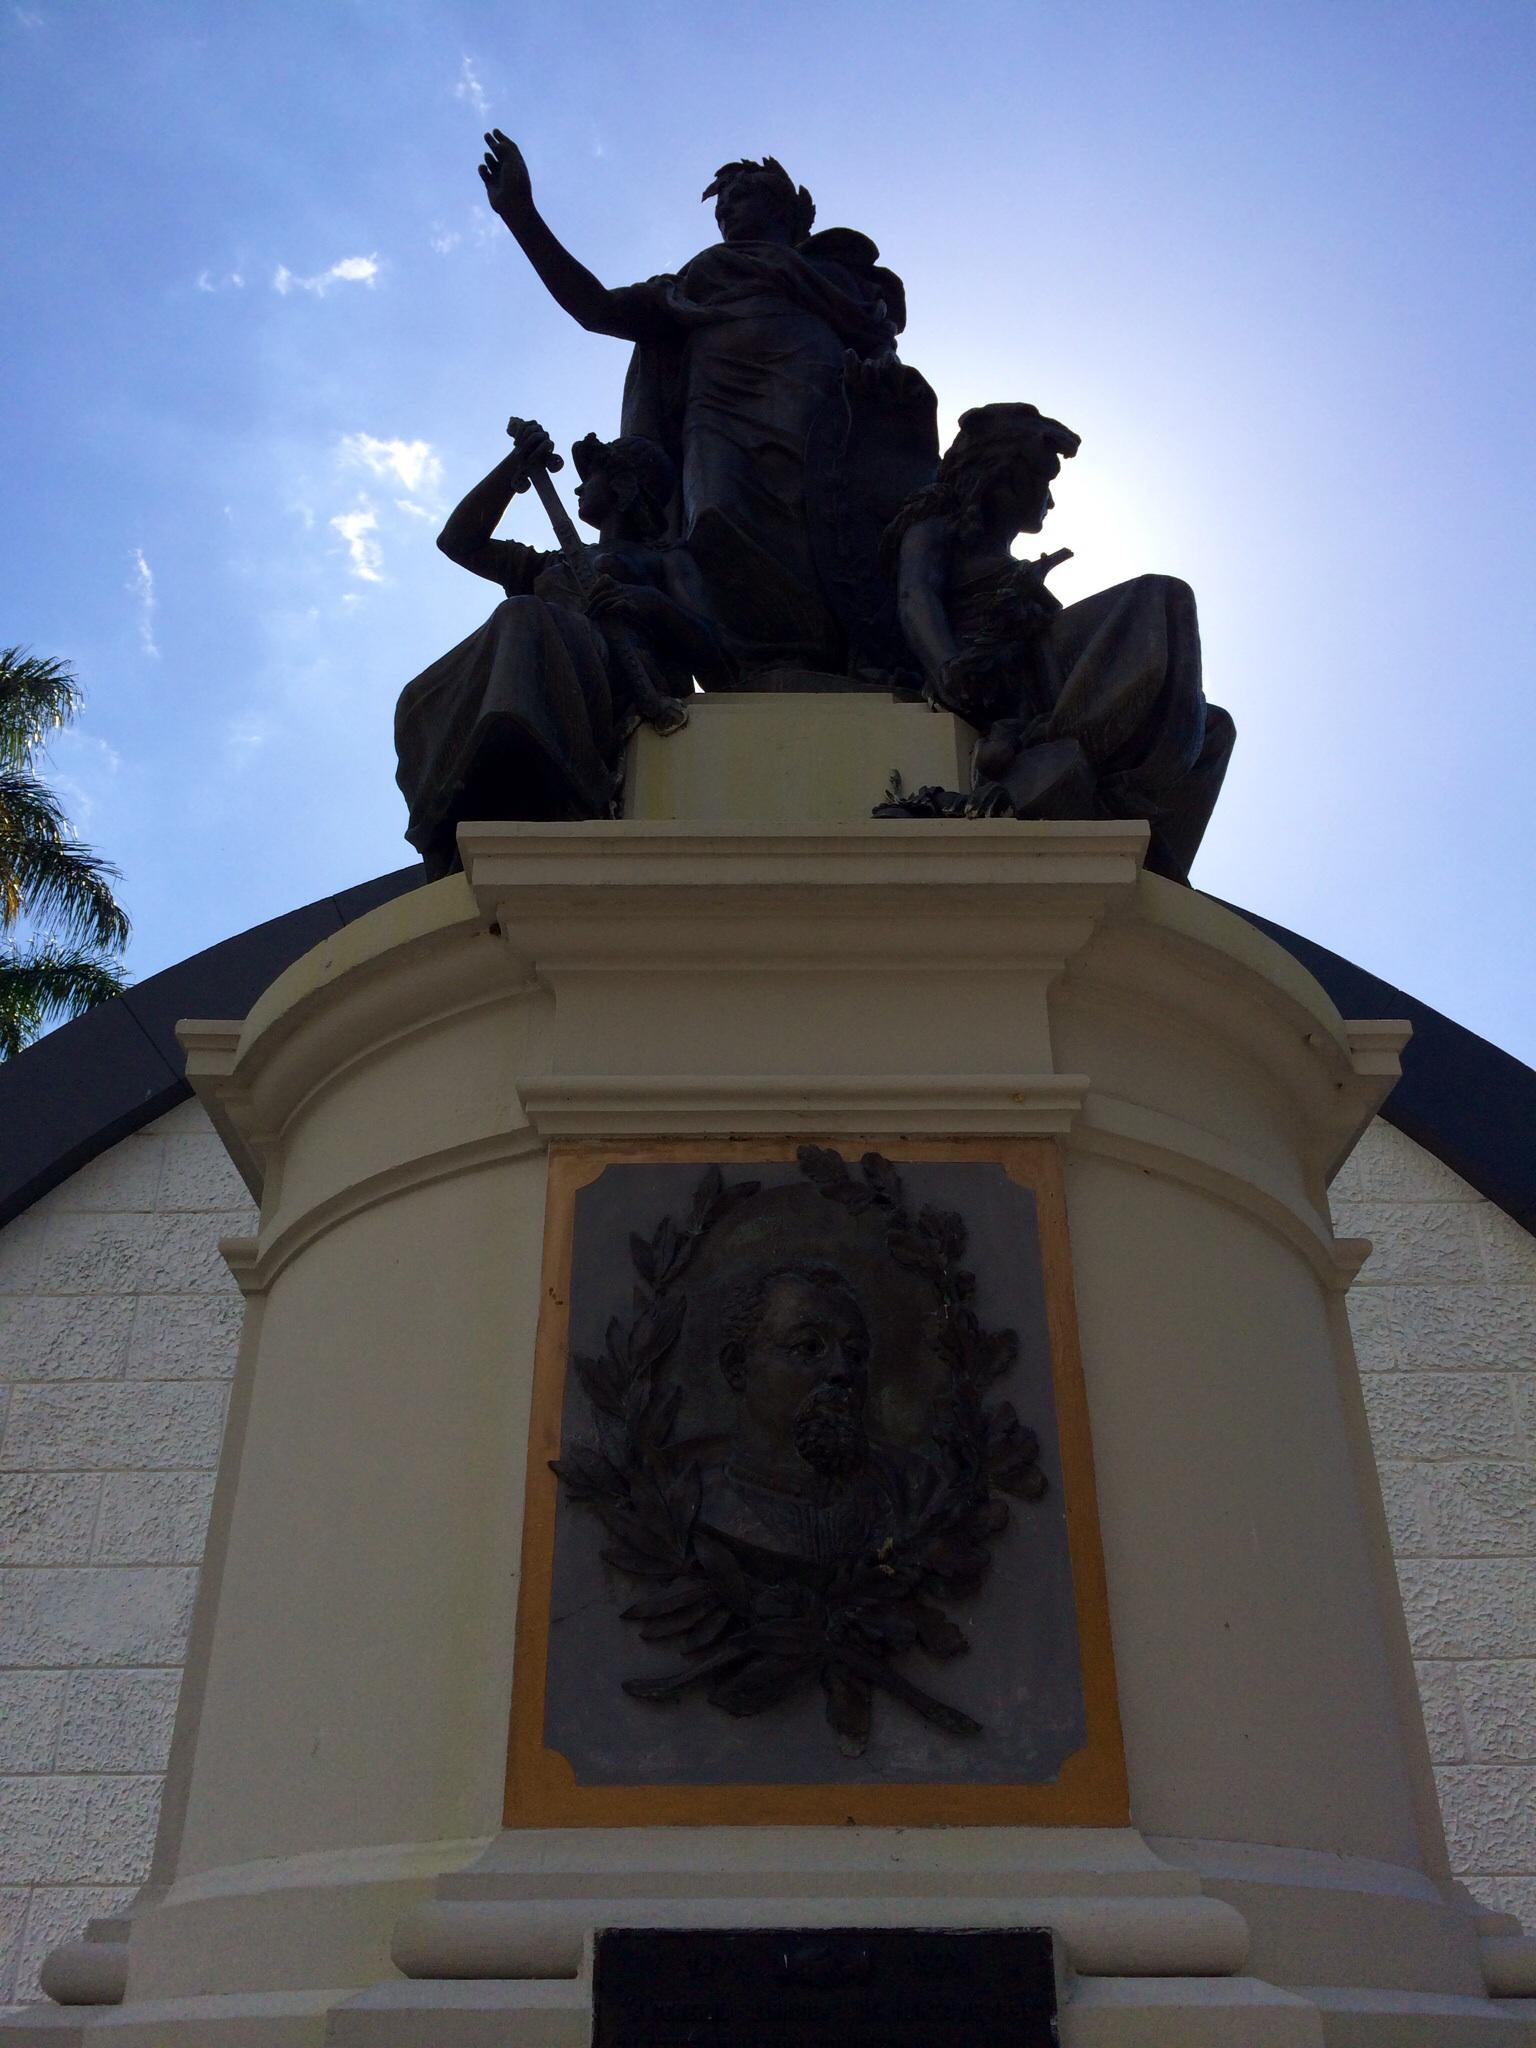 Tumba del General Justo Rufino Barrios en el Cementerio General. Tomada de Wikimedia Commons.